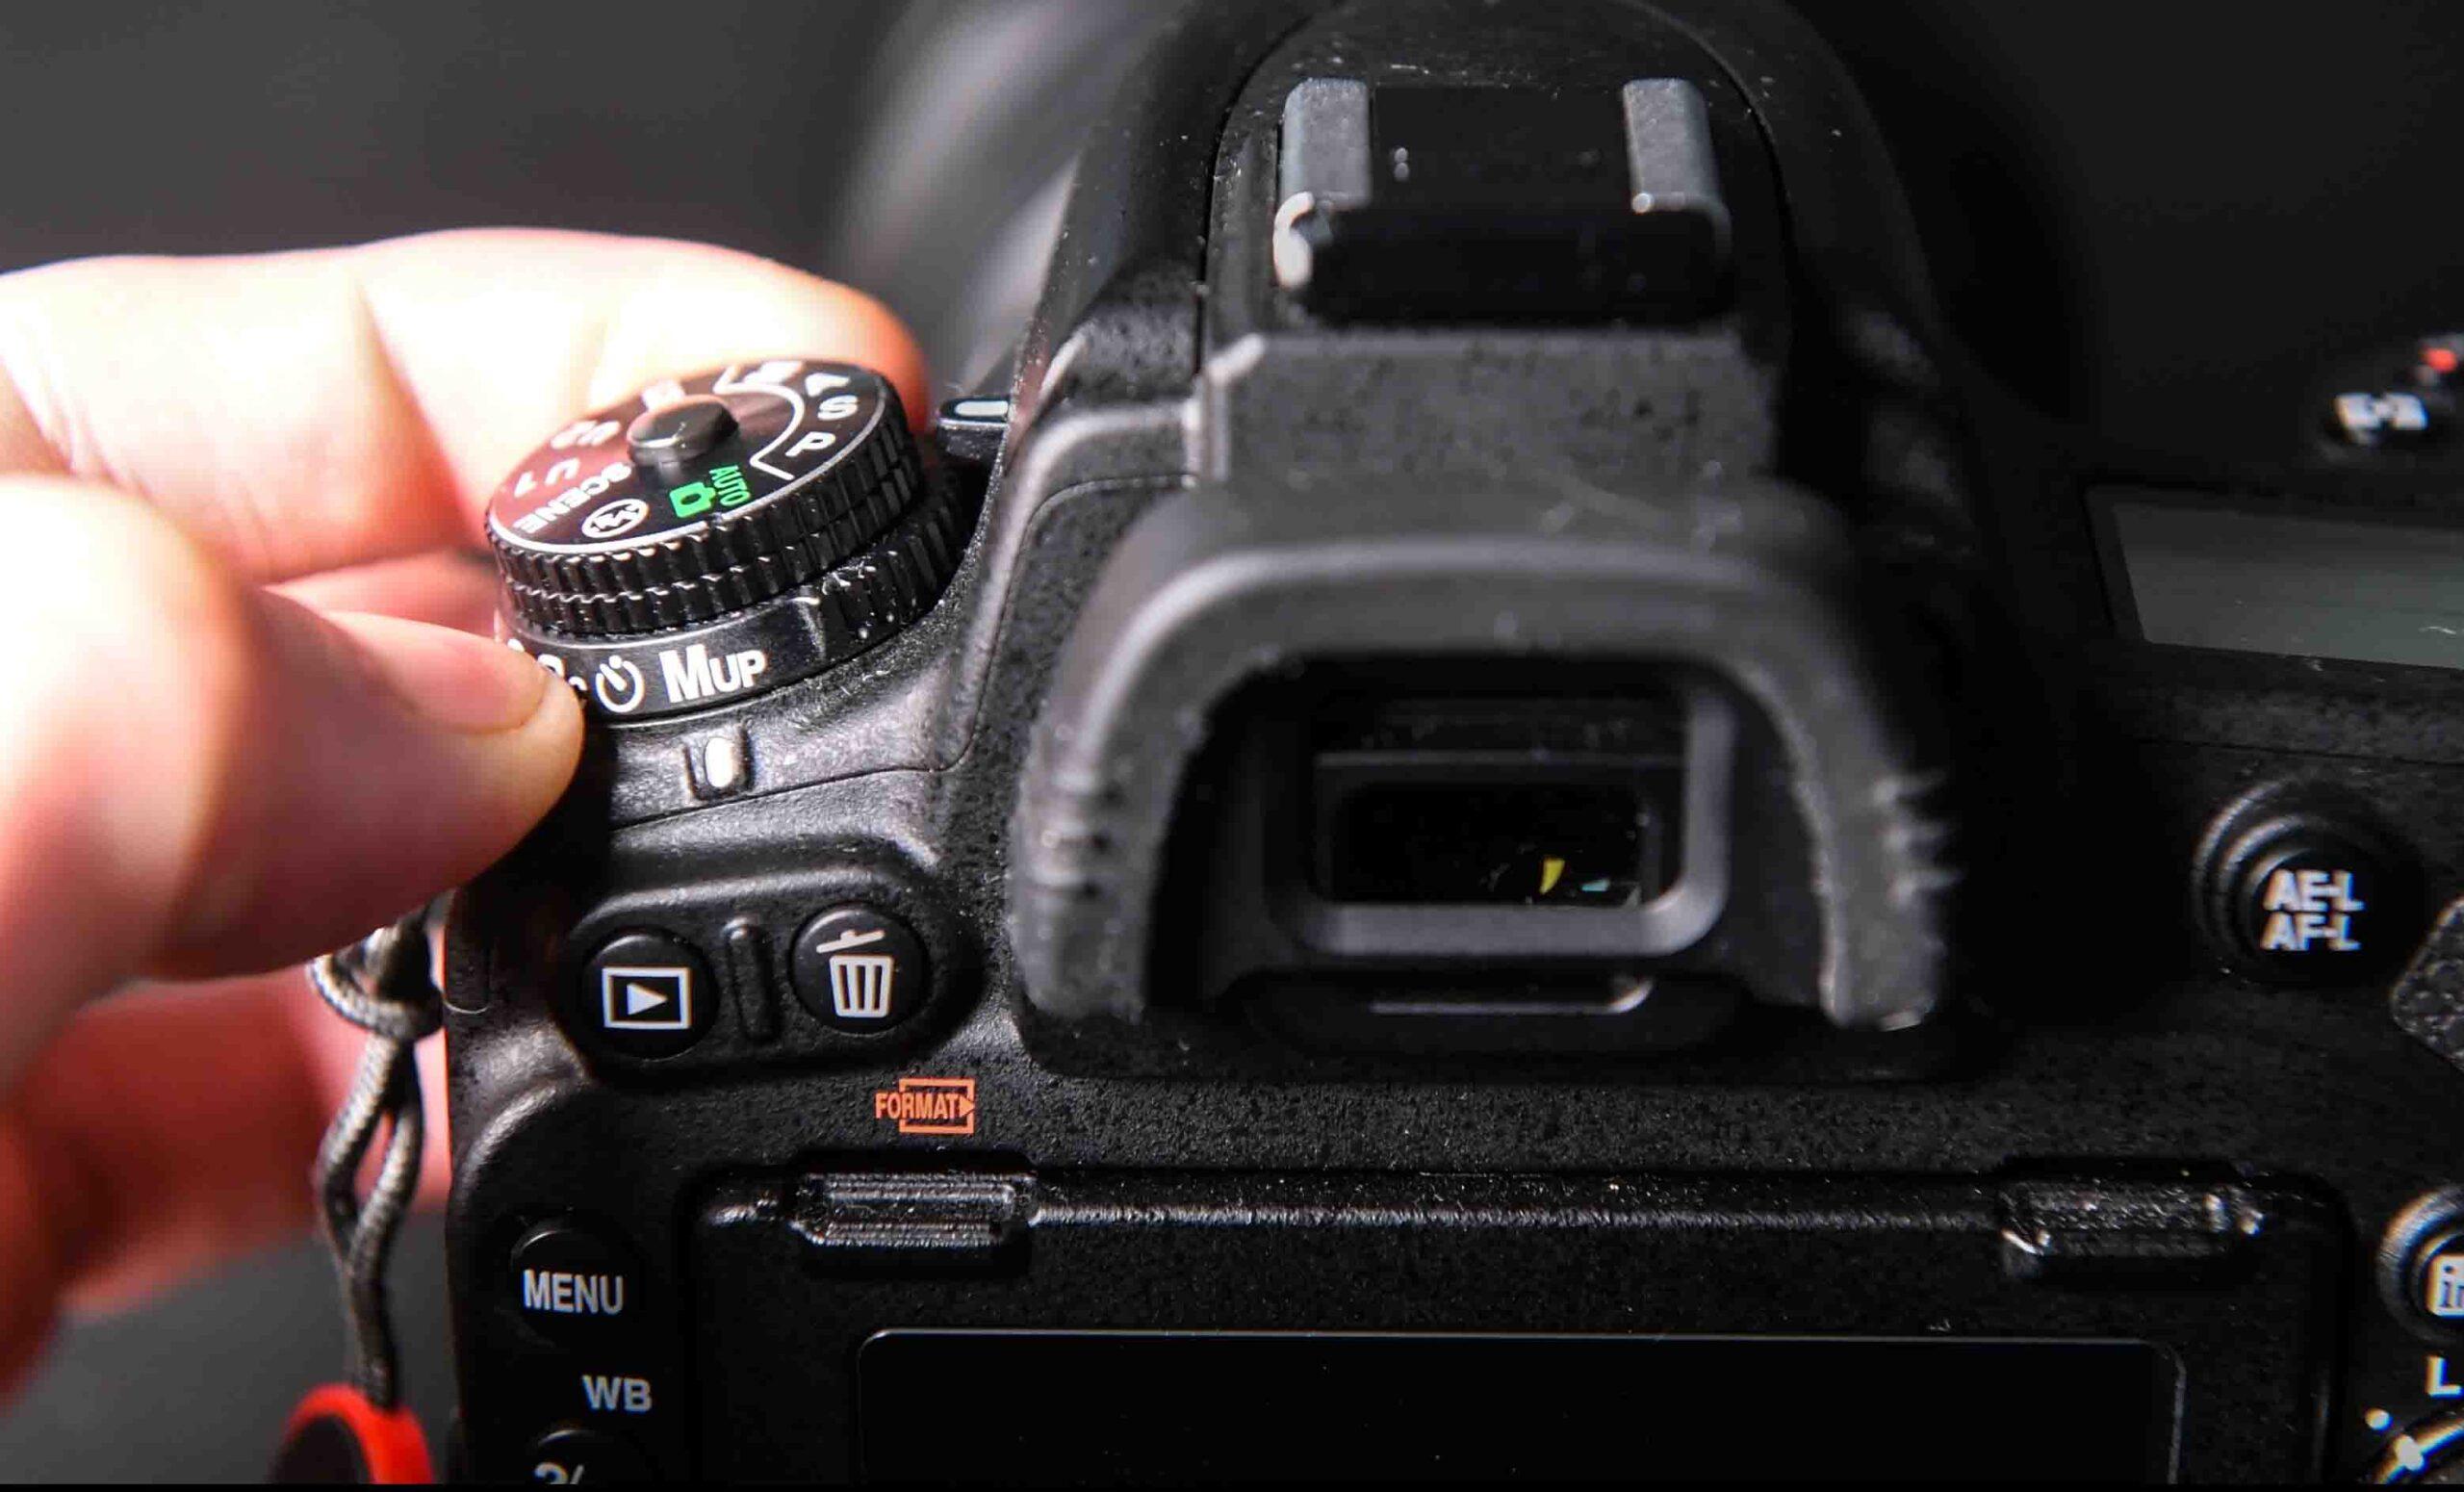 MUP spiegelopklapfunctie Nikon